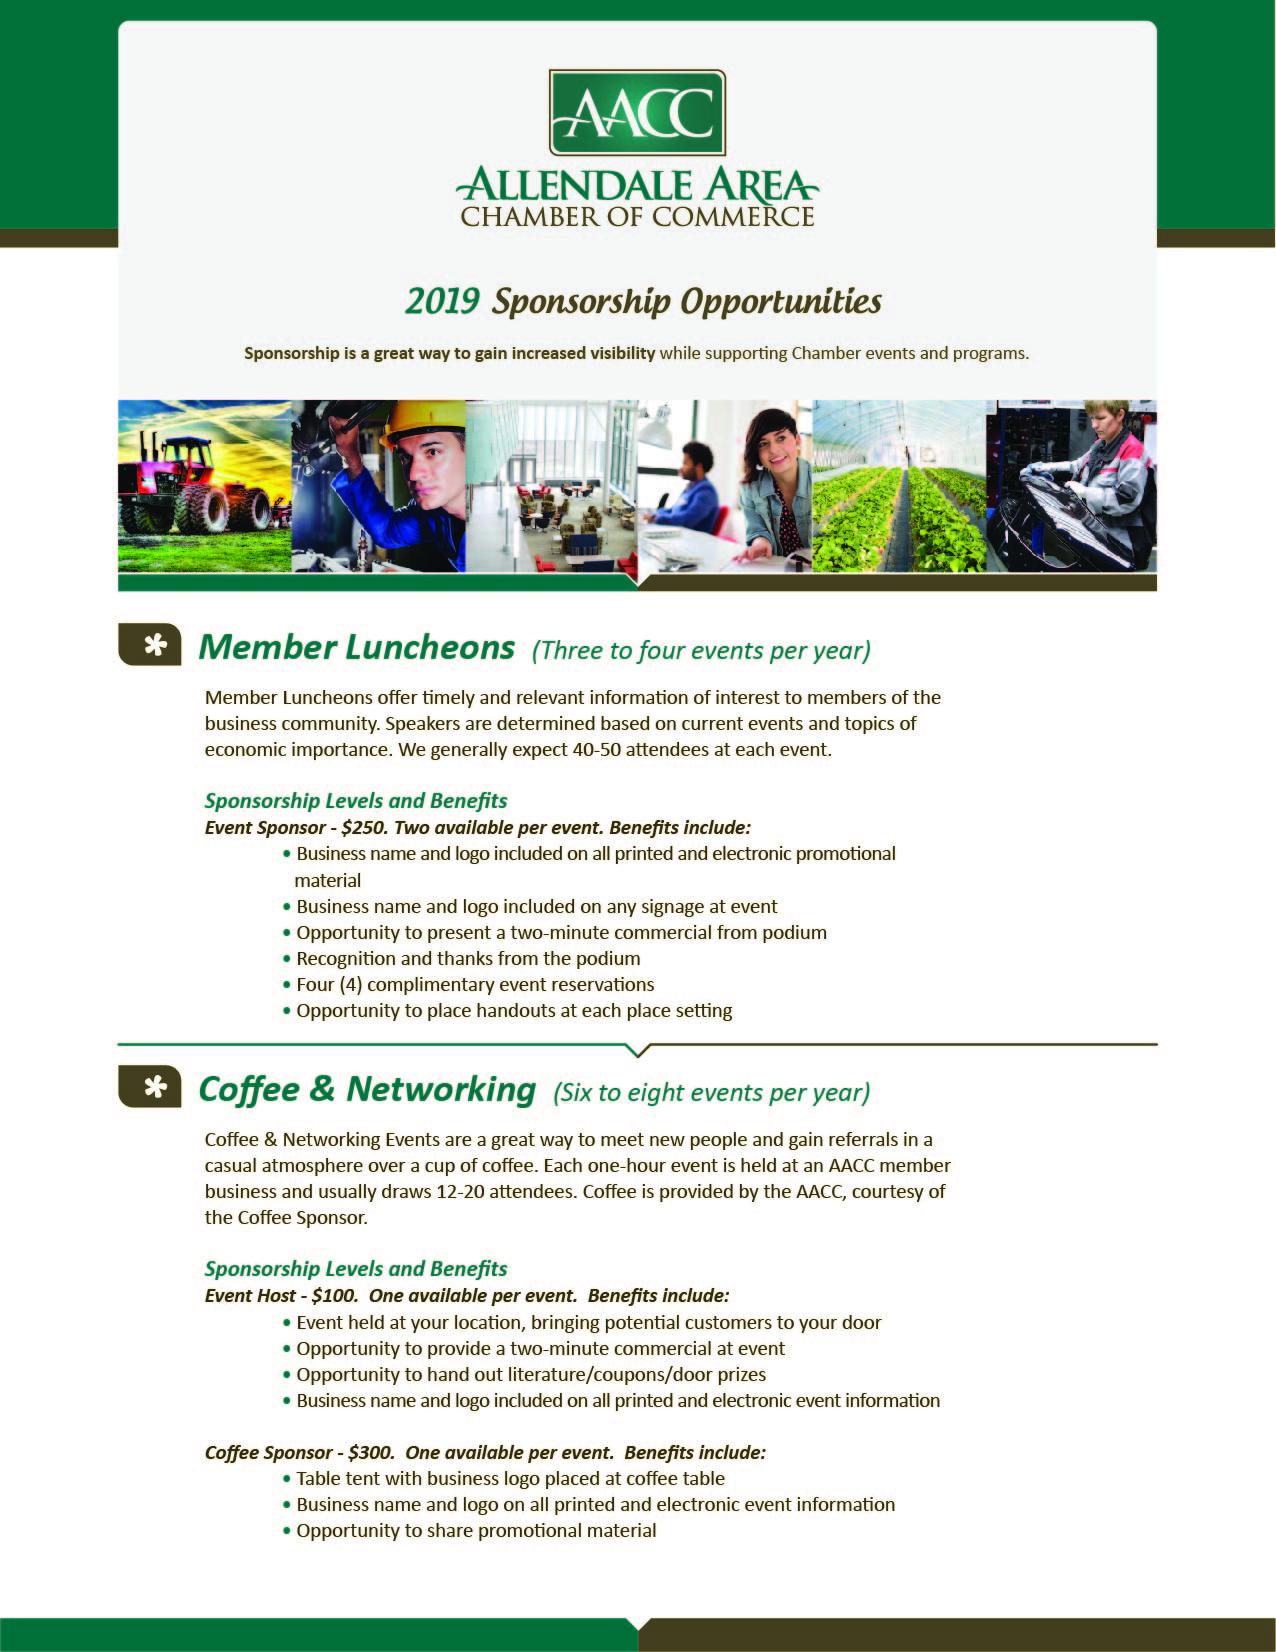 2019-Allendale-Chamber-Sponsorship-Opportunities.jpg